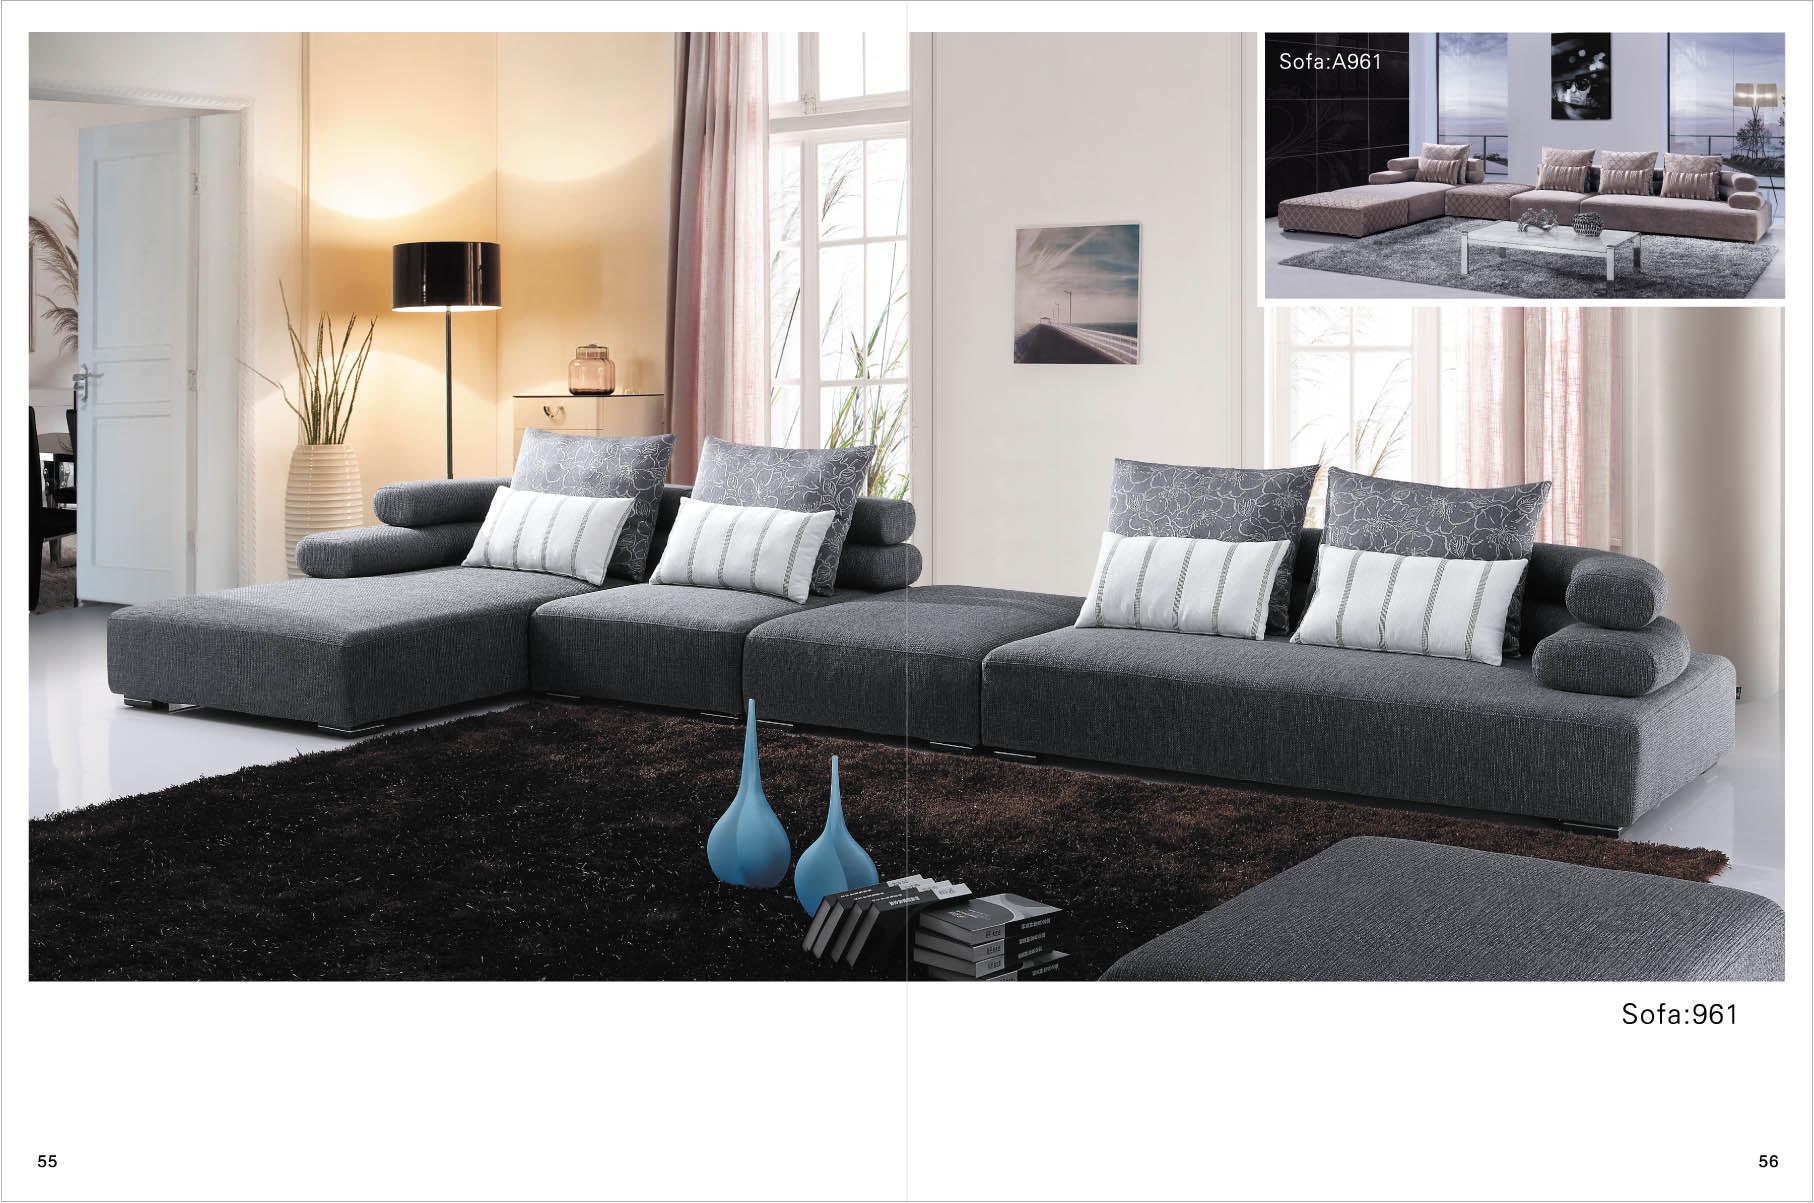 gegenseitige schreibhilfe formulierungen einzelner s tze. Black Bedroom Furniture Sets. Home Design Ideas